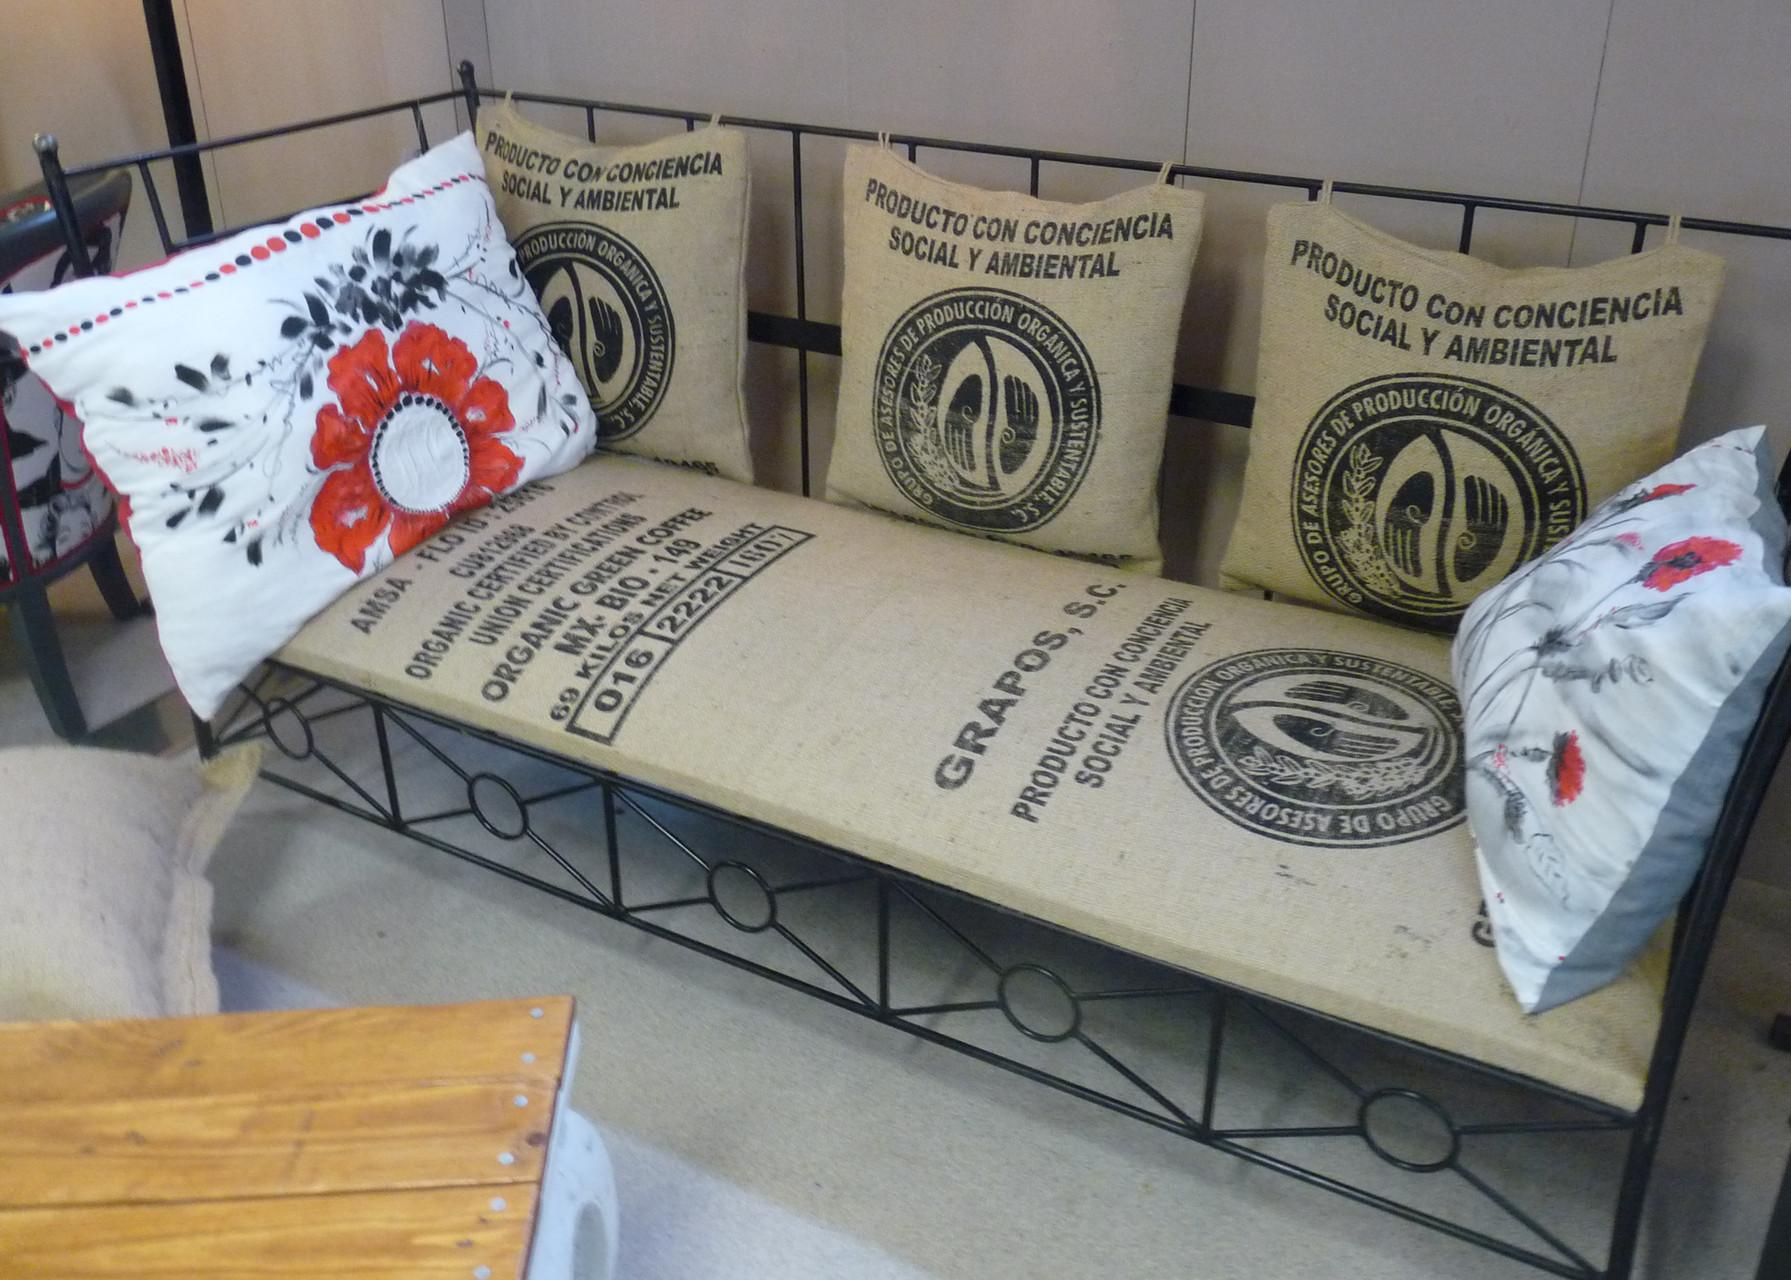 Des sacs de jute pour un canapé original( photos P. Guillot)